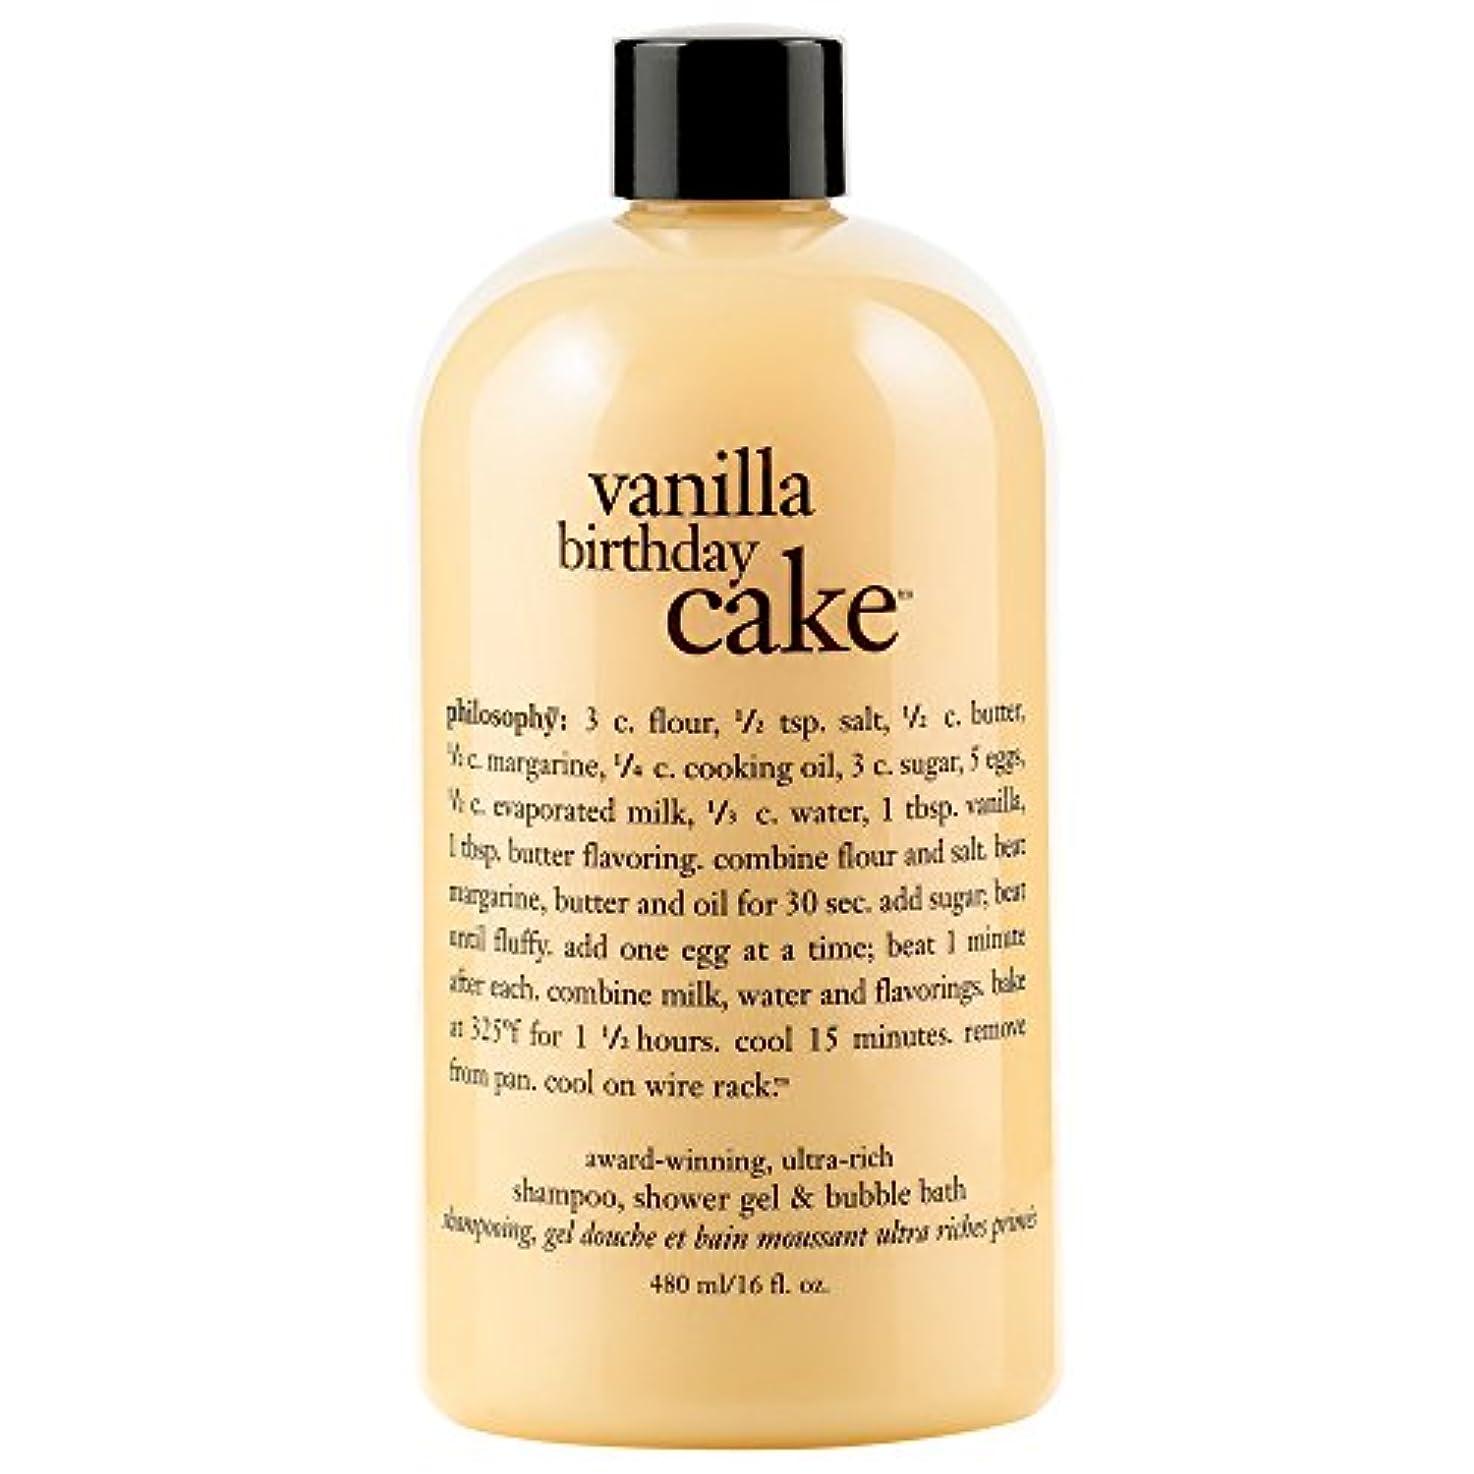 離れたベスト枯れる哲学バニラバースデーケーキシャンプー/シャワージェル/バブルバス480ミリリットル (Philosophy) - Philosophy Vanilla Birthday Cake Shampoo/Shower Gel/Bubble...